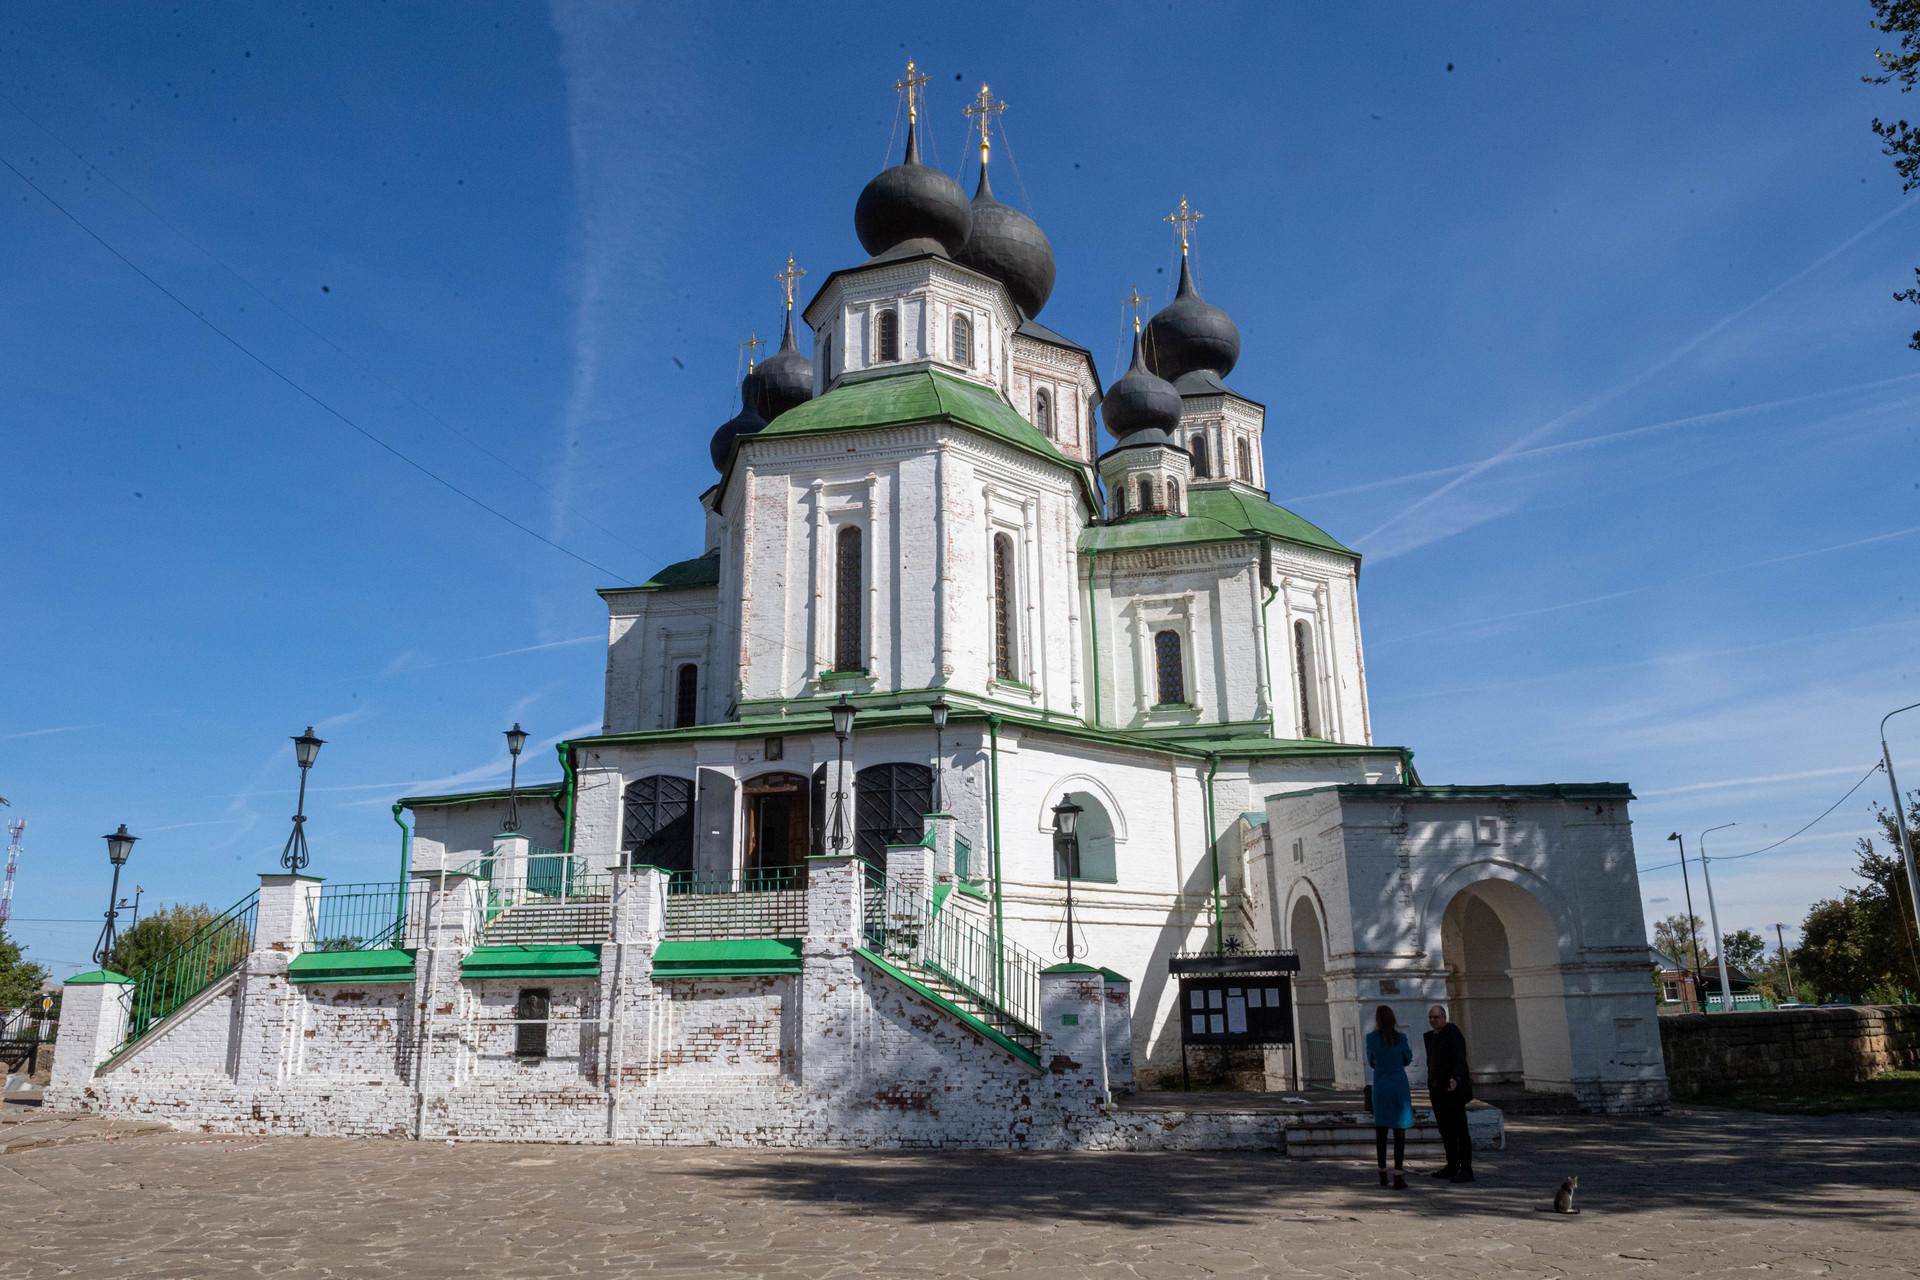 Katedral Militer Kebangkitan Kristus di Starocherkasskaya, Rostovskaya oblast, Rusia.